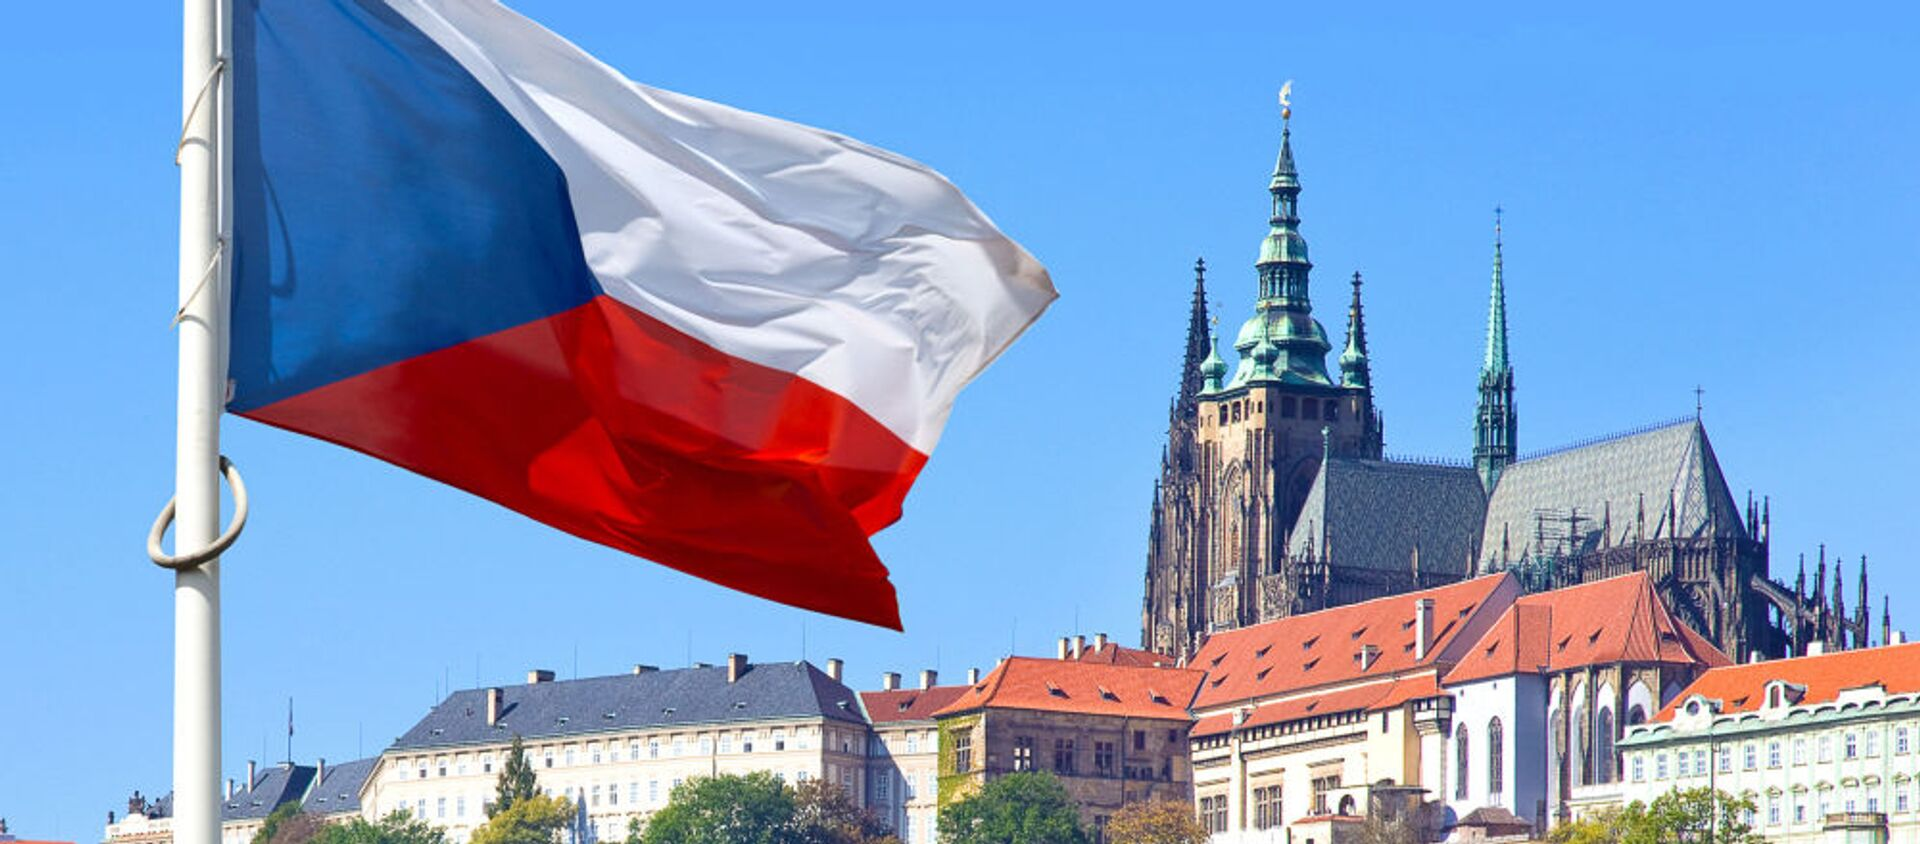 Czechy - Sputnik Polska, 1920, 23.04.2021